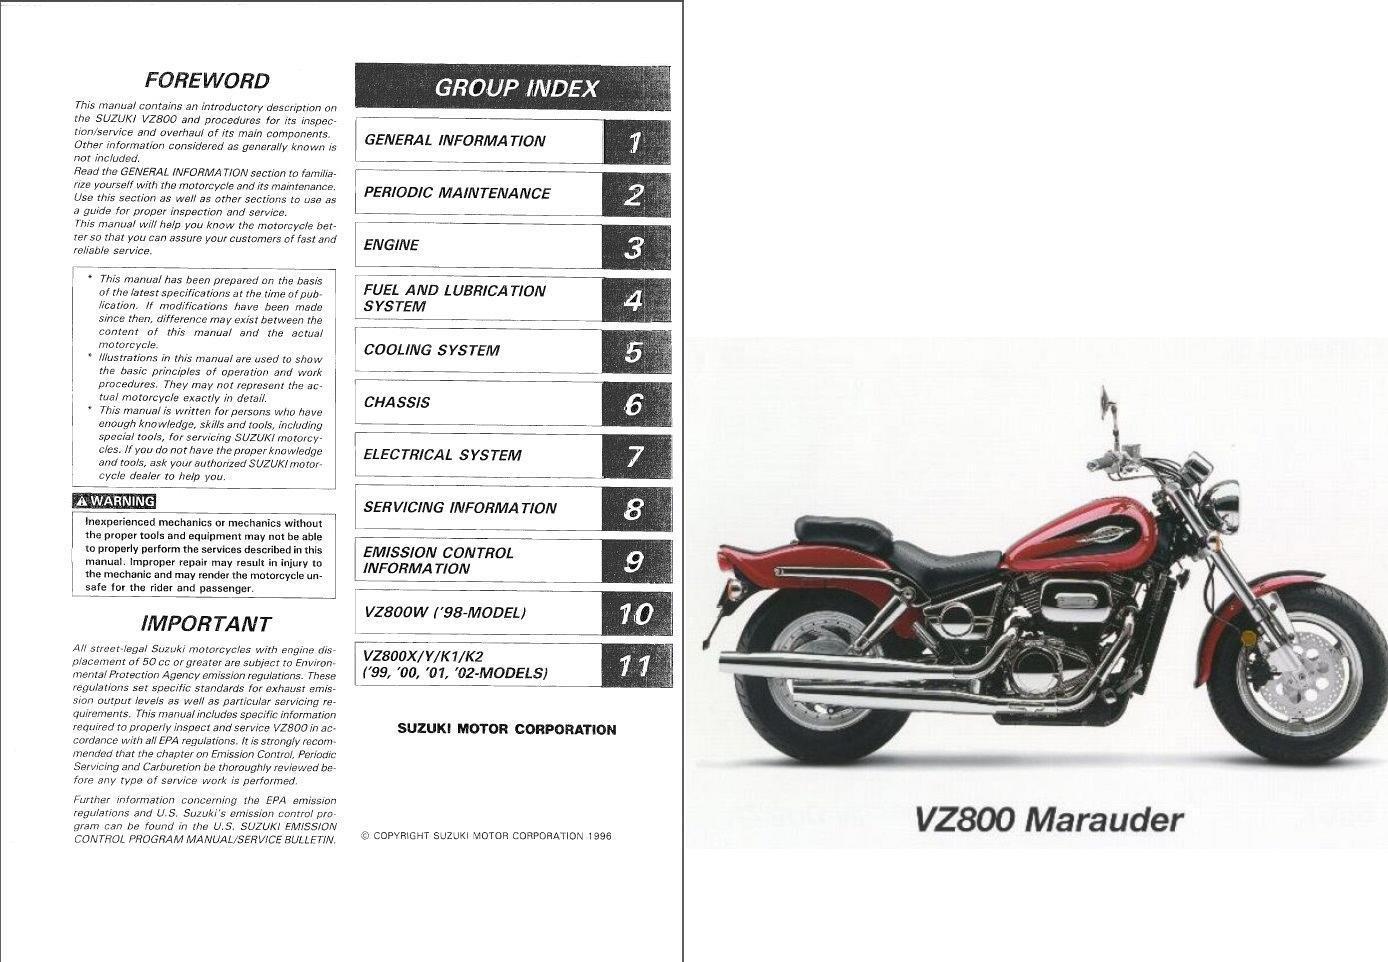 1998 Suzuki Marauder Wiring Diagram - Wiring Diagram